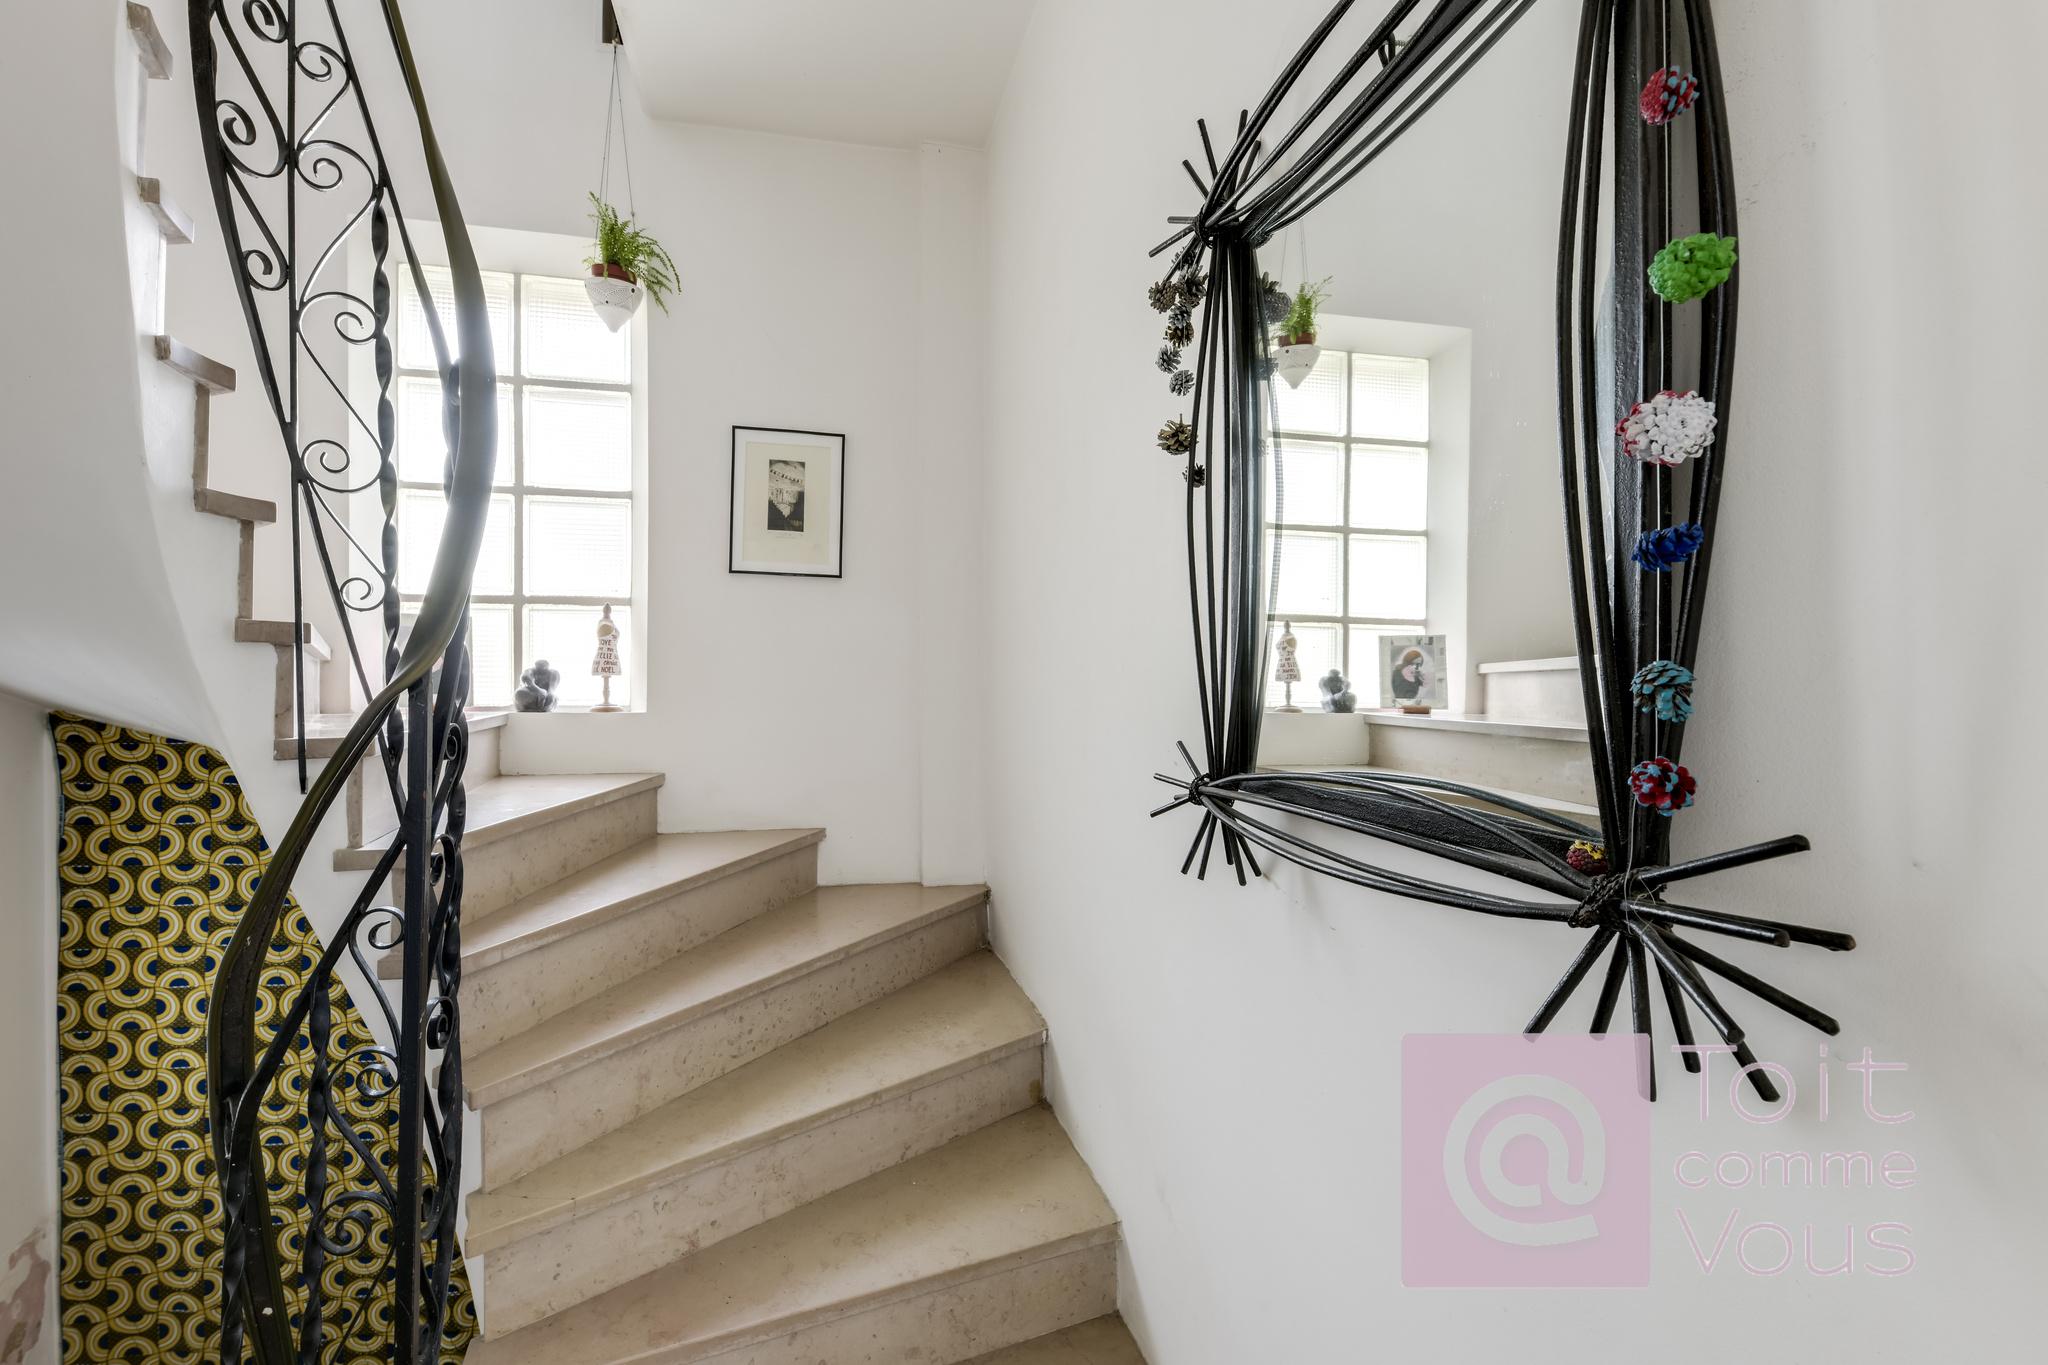 vente Maison individuelle de 163m2 avec un jardin de 140m2 | Toit Comme Vous Immobilier